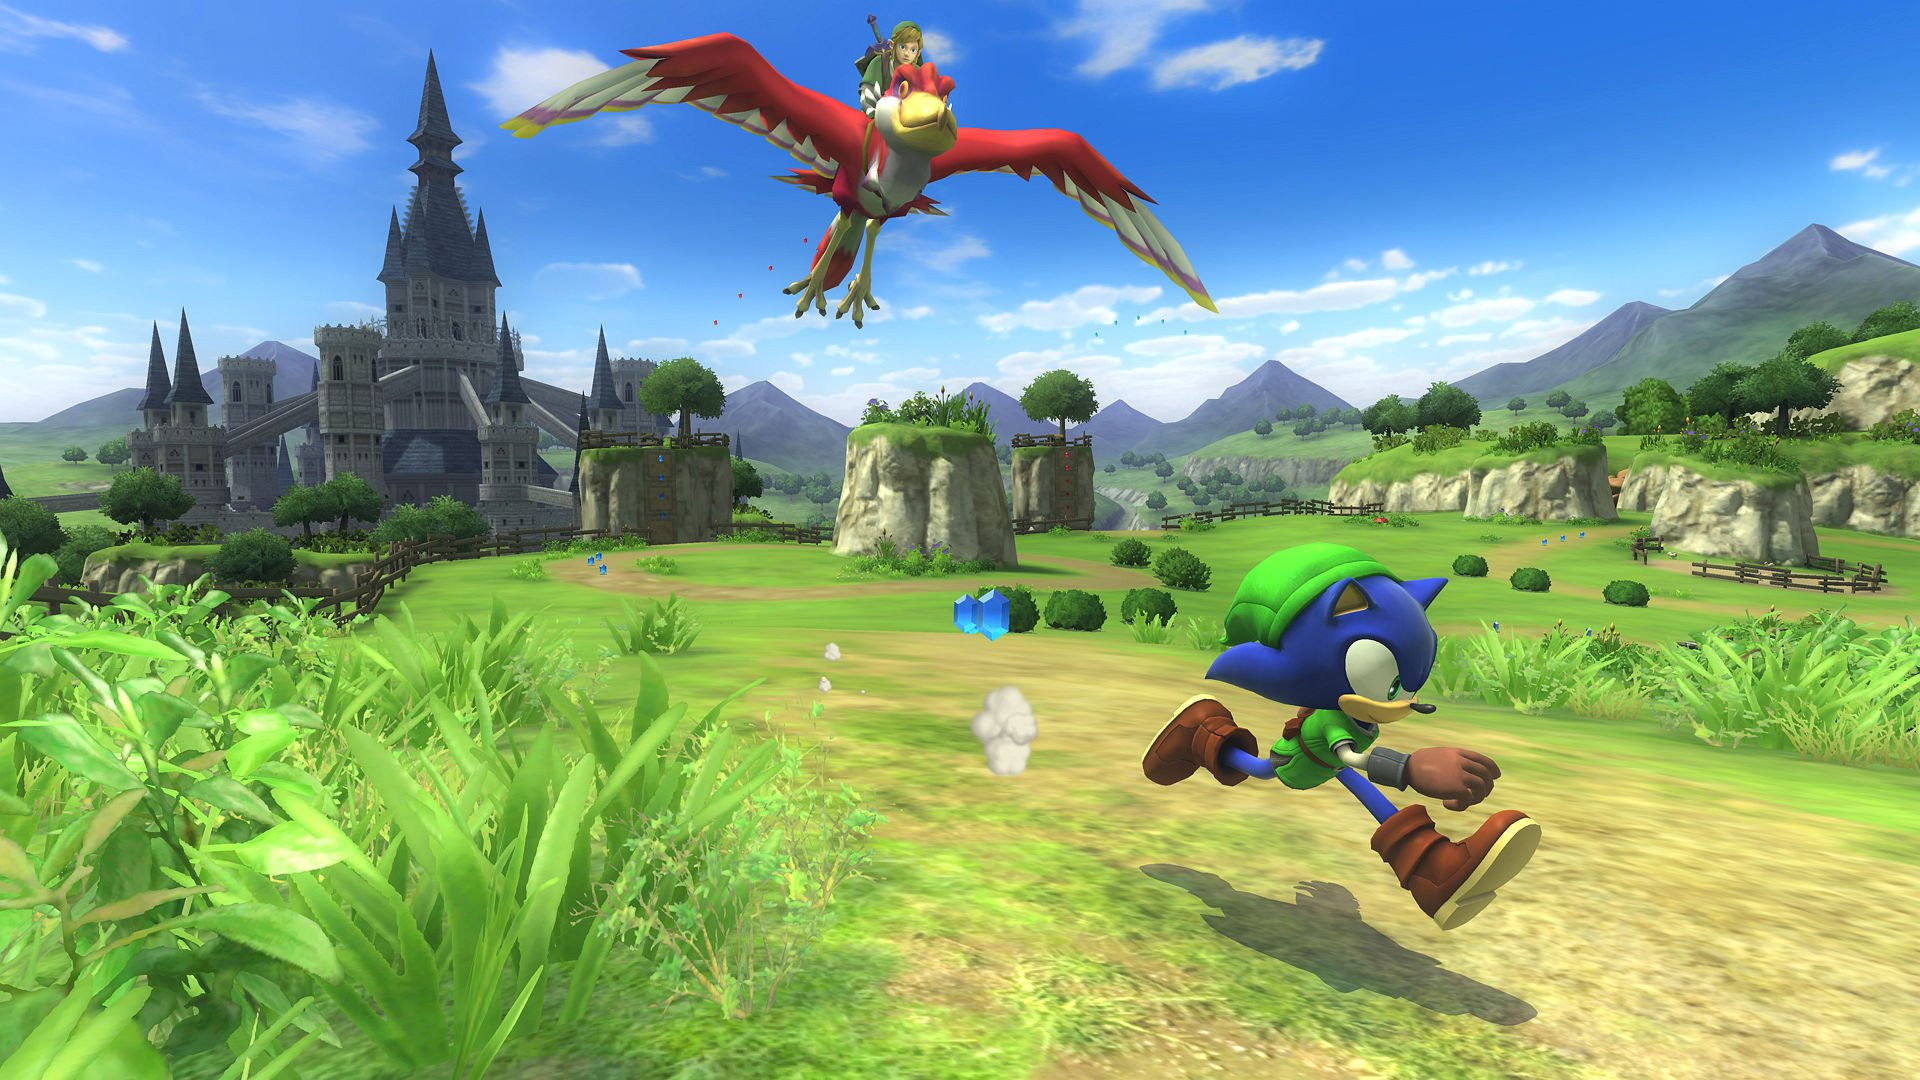 File:Sonic is Link.jpg